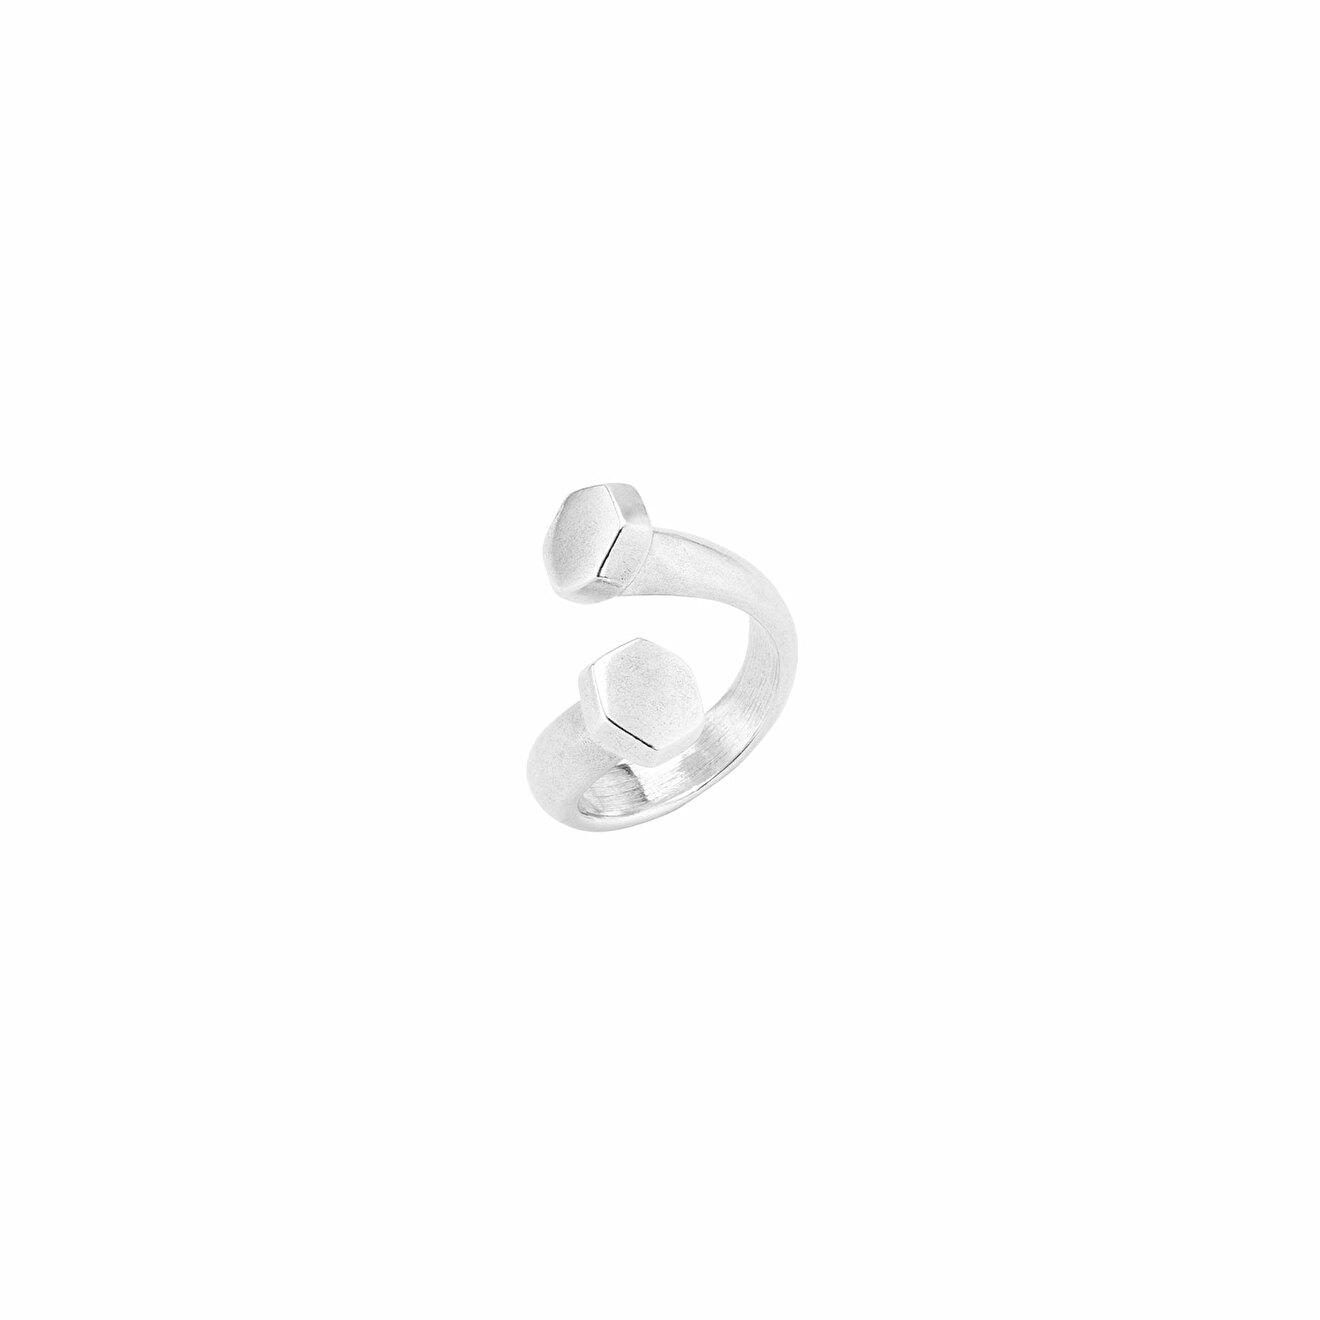 Unode50 Покрытое серебром кольцо в форме гвоздя Determination